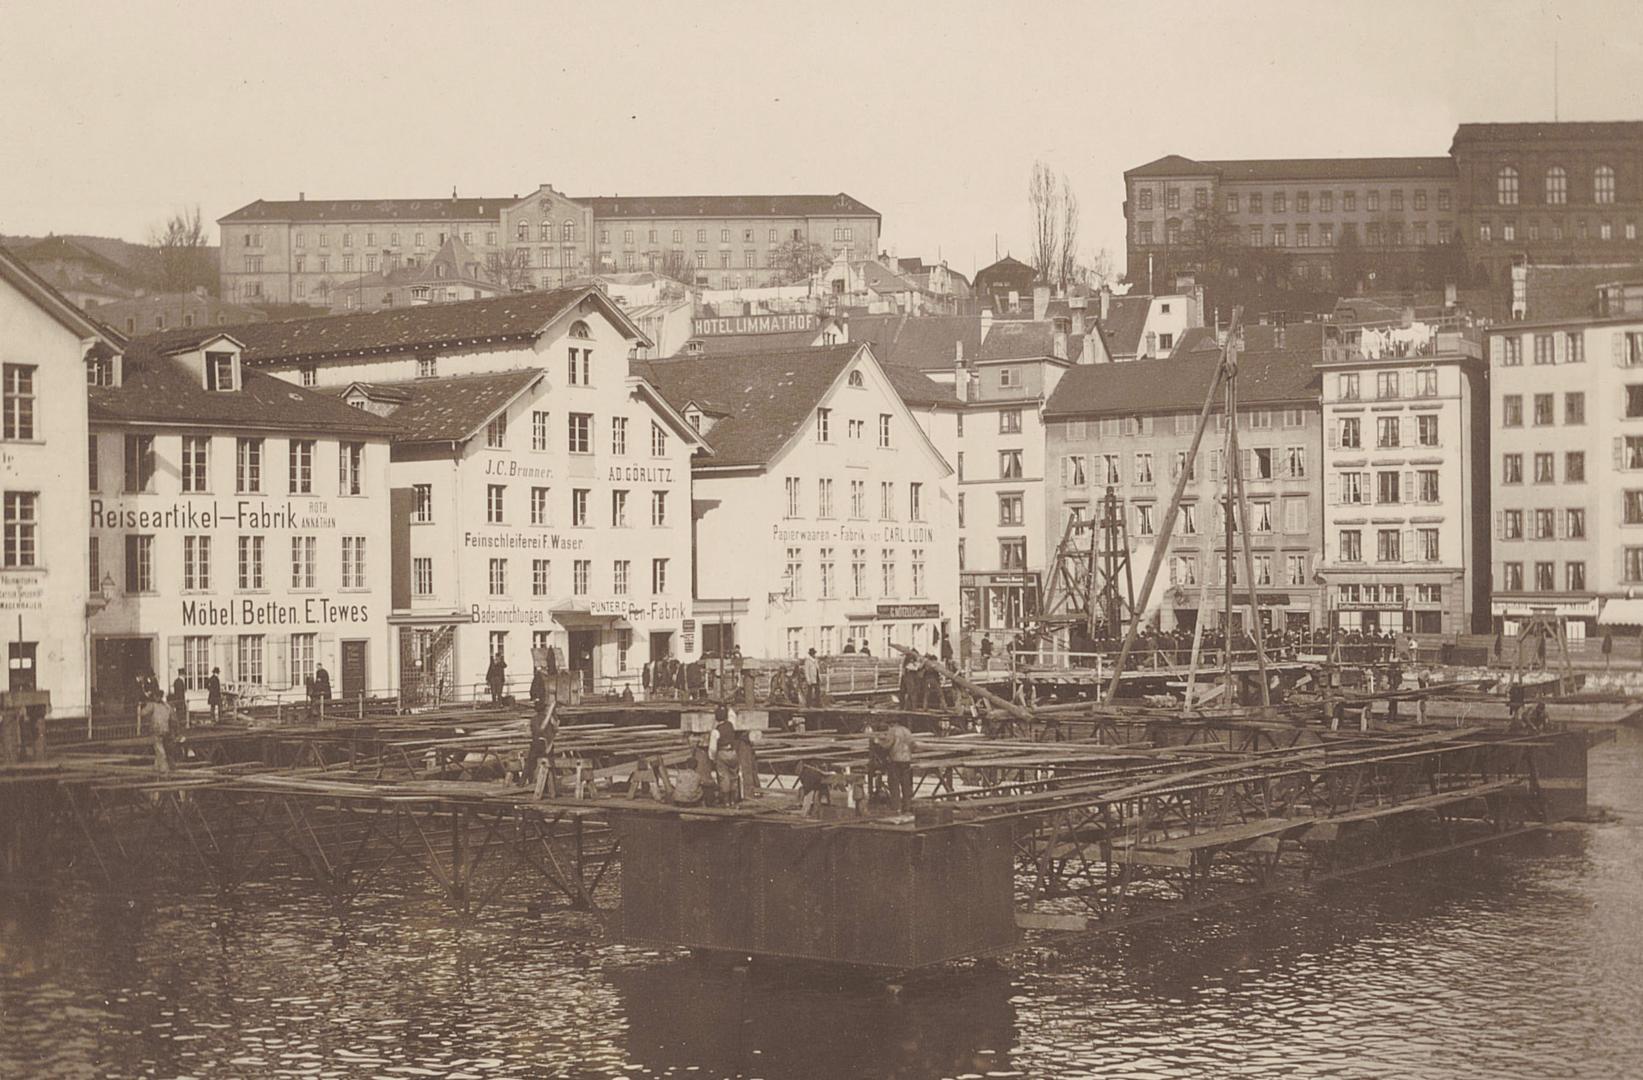 Bauarbeiten für das Frauenbad beim Mühlesteg, 1890 (Bild: Robert Breitinger)